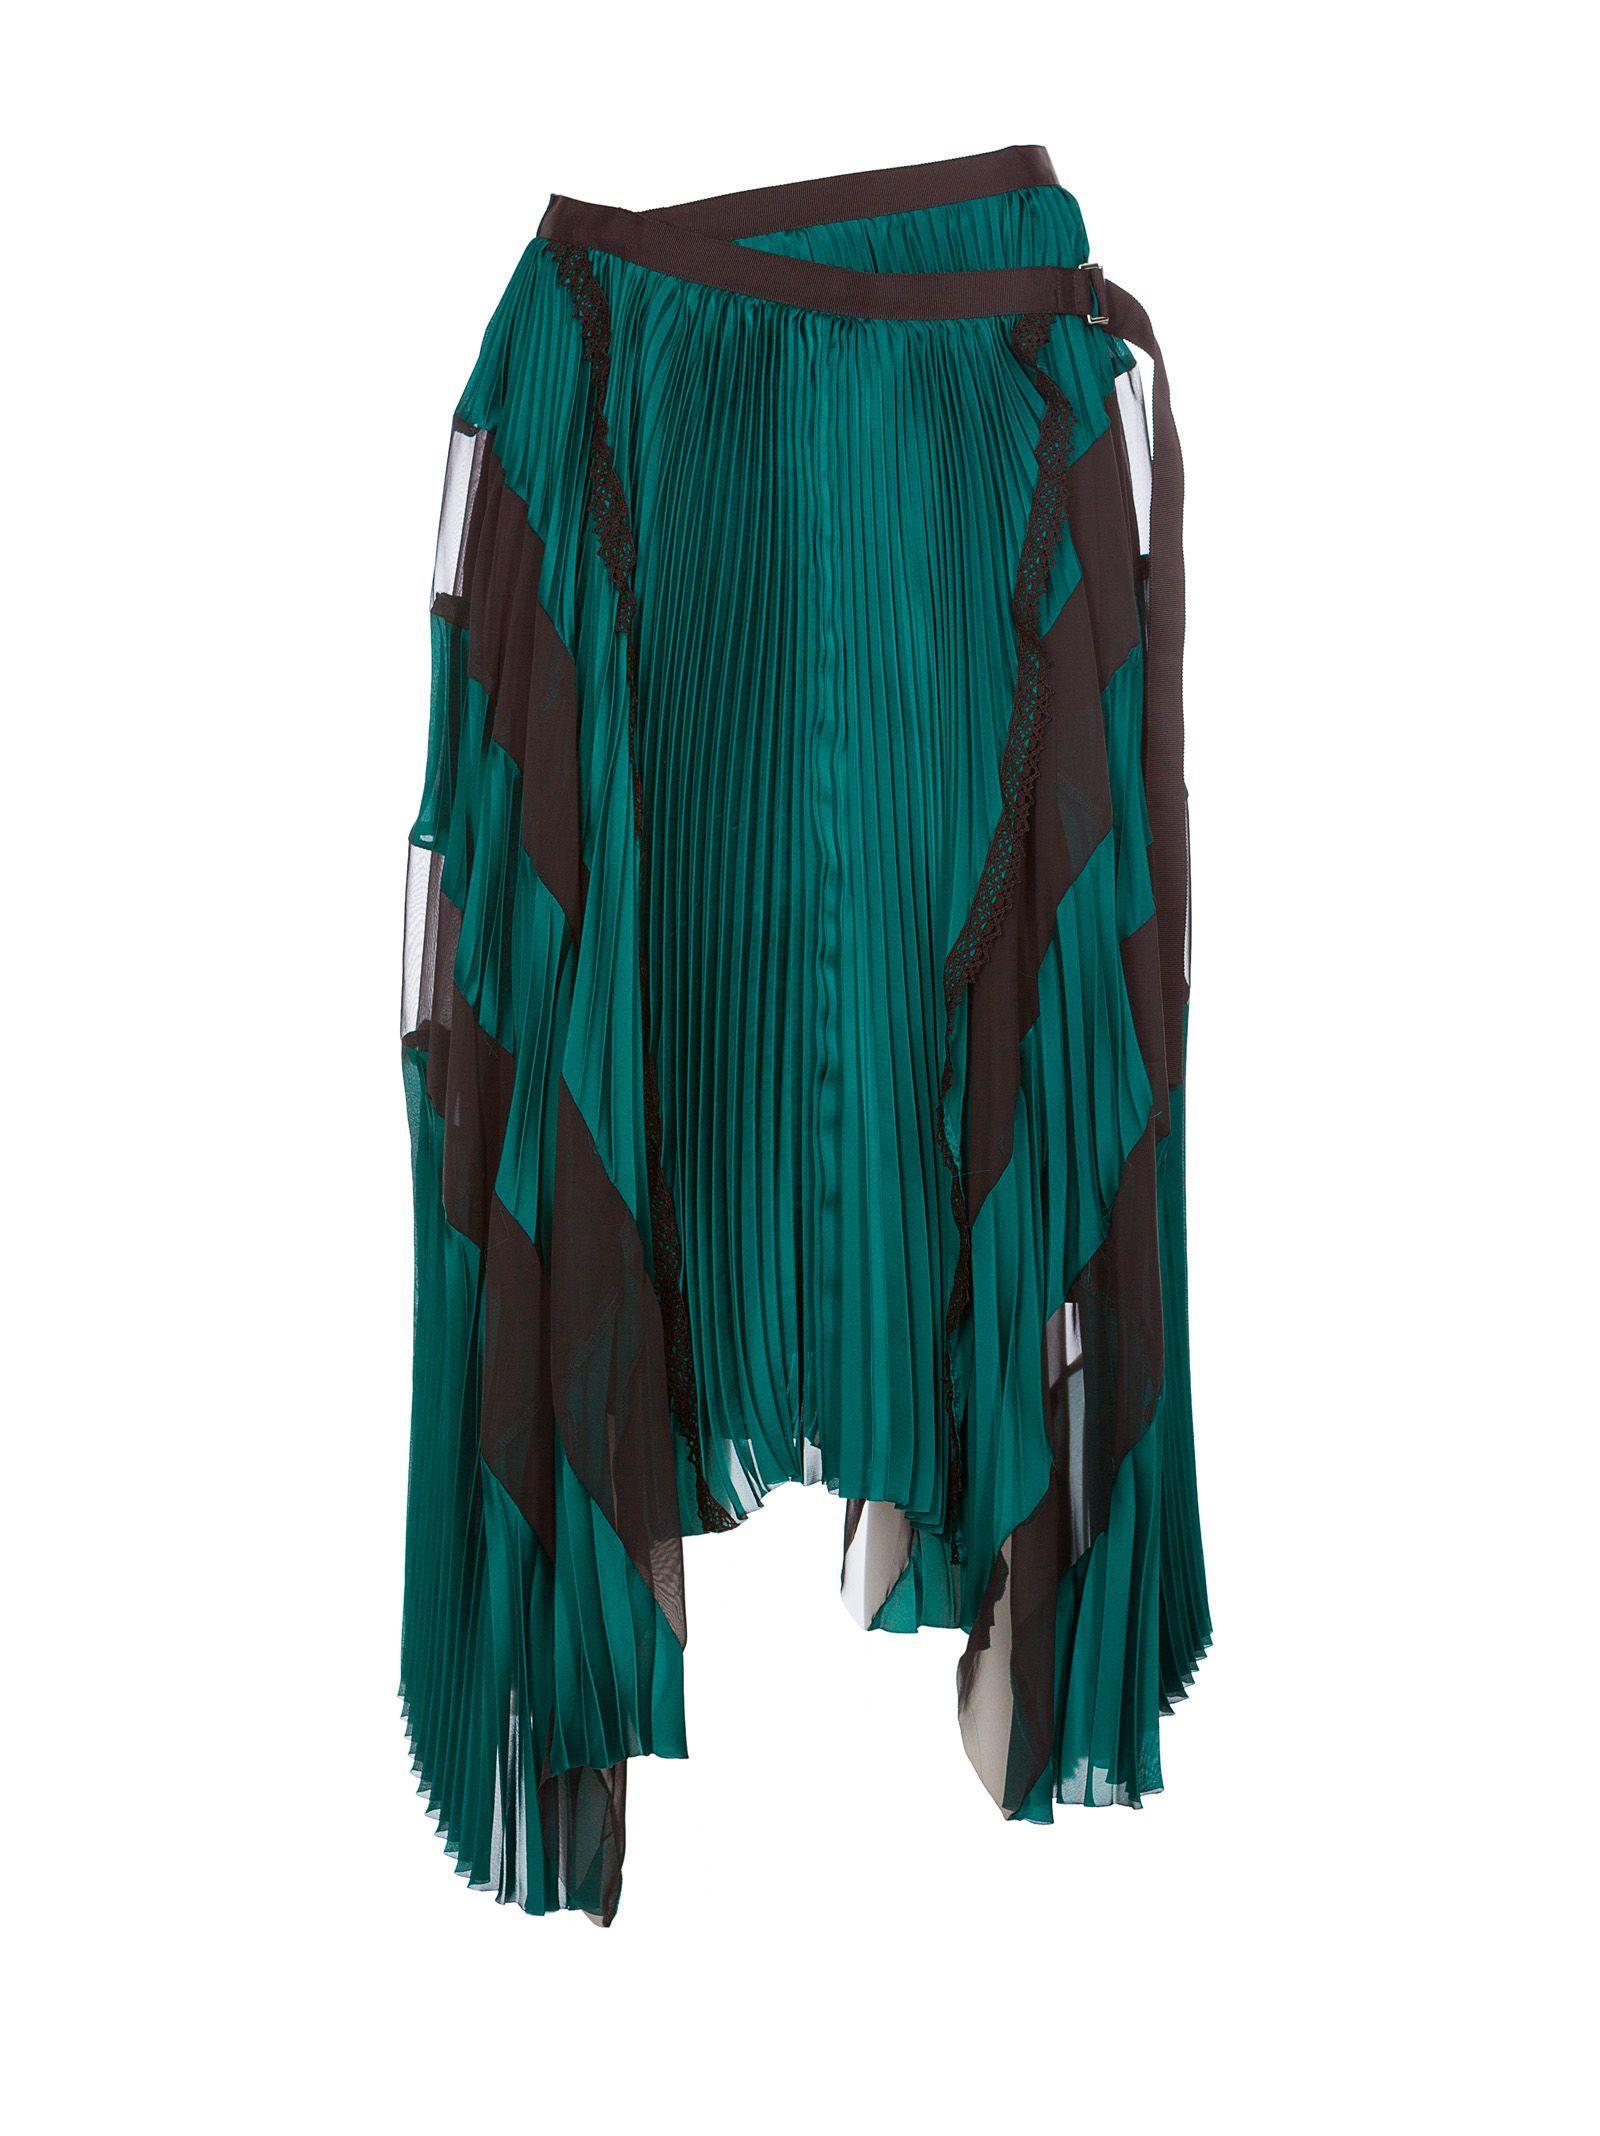 Sacai Asymmetric Striped Skirt In Green